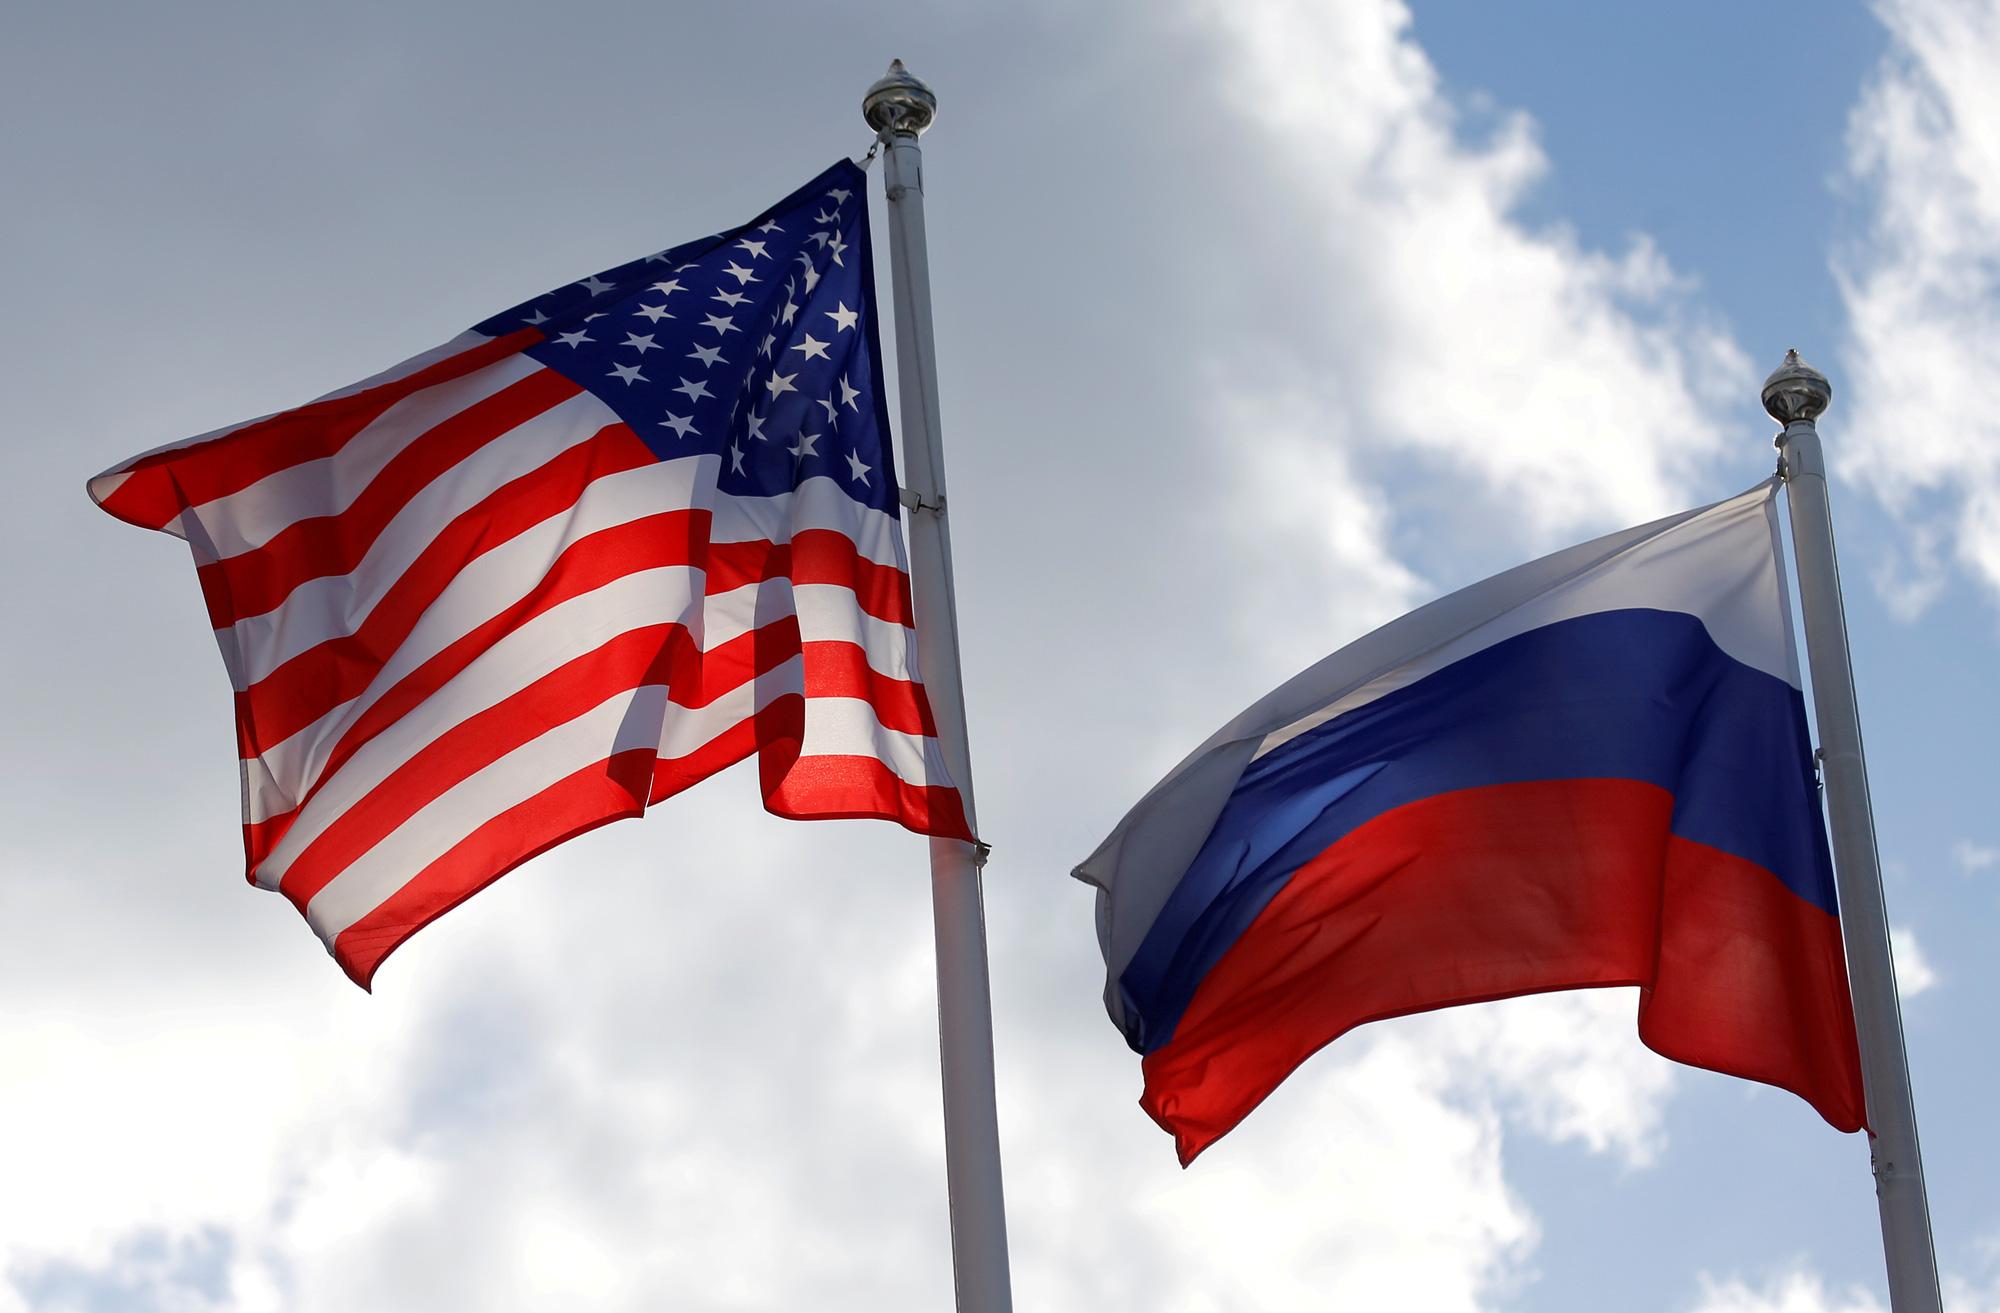 Mỹ, Nga tổ chức đàm phán về ổn định chiến lược hạt nhân  - Ảnh 1.